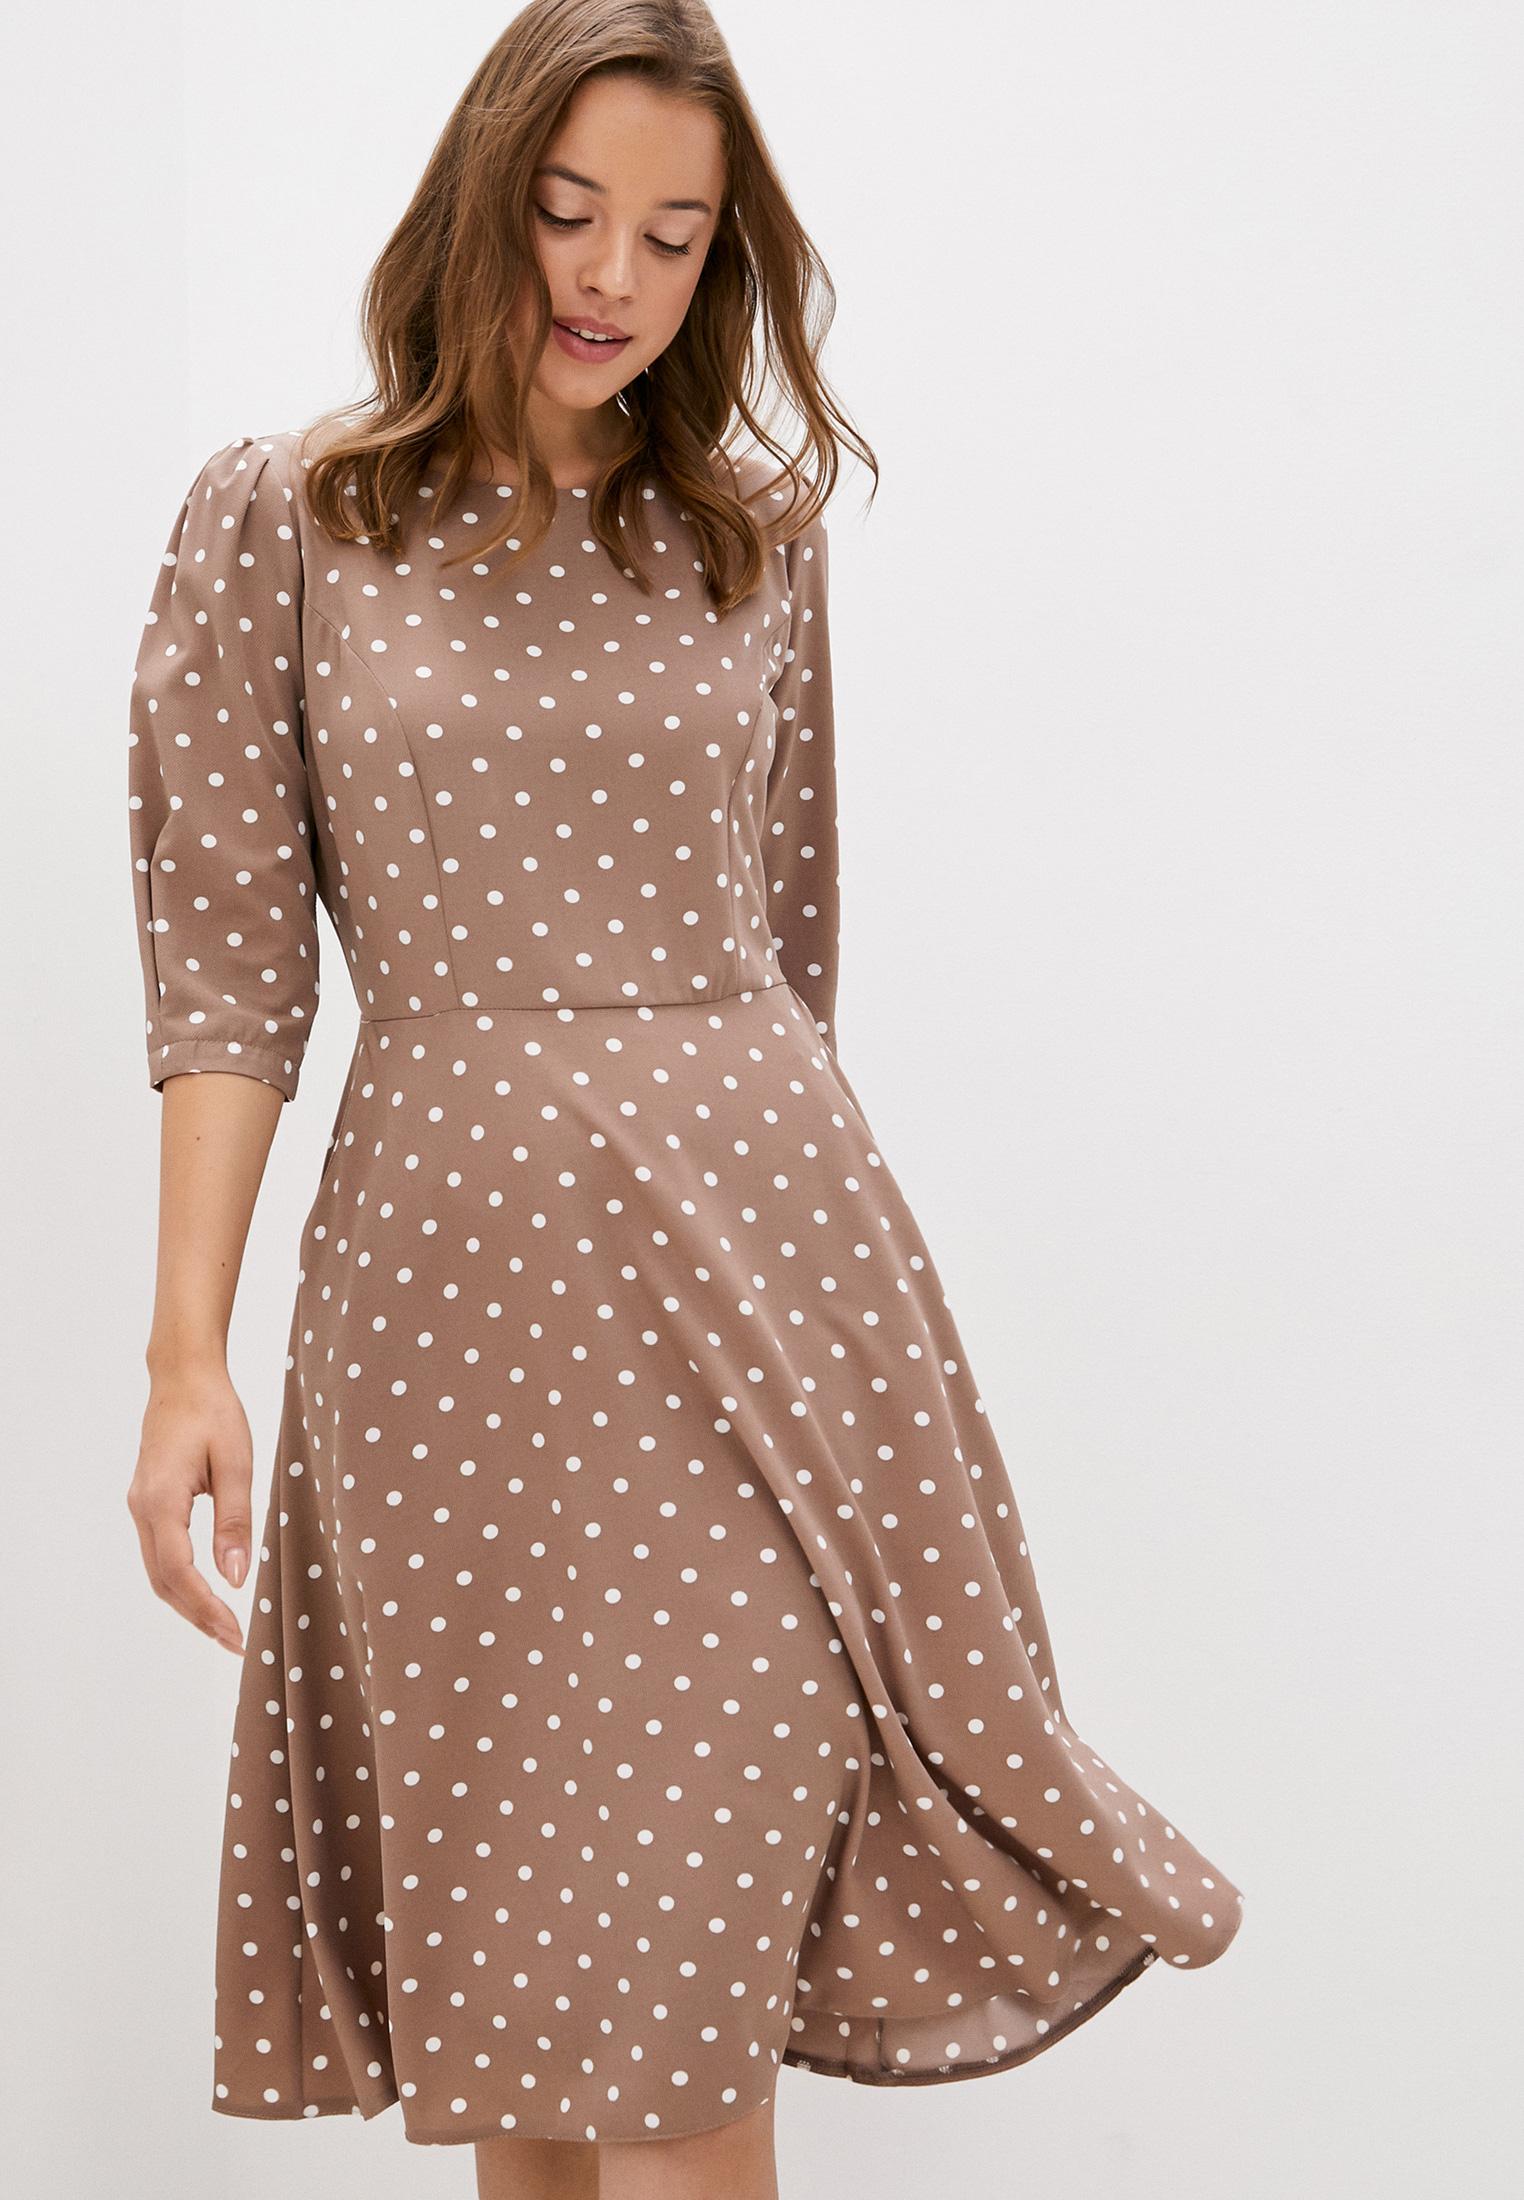 Повседневное платье Toku Tino TT8513023k/: изображение 5